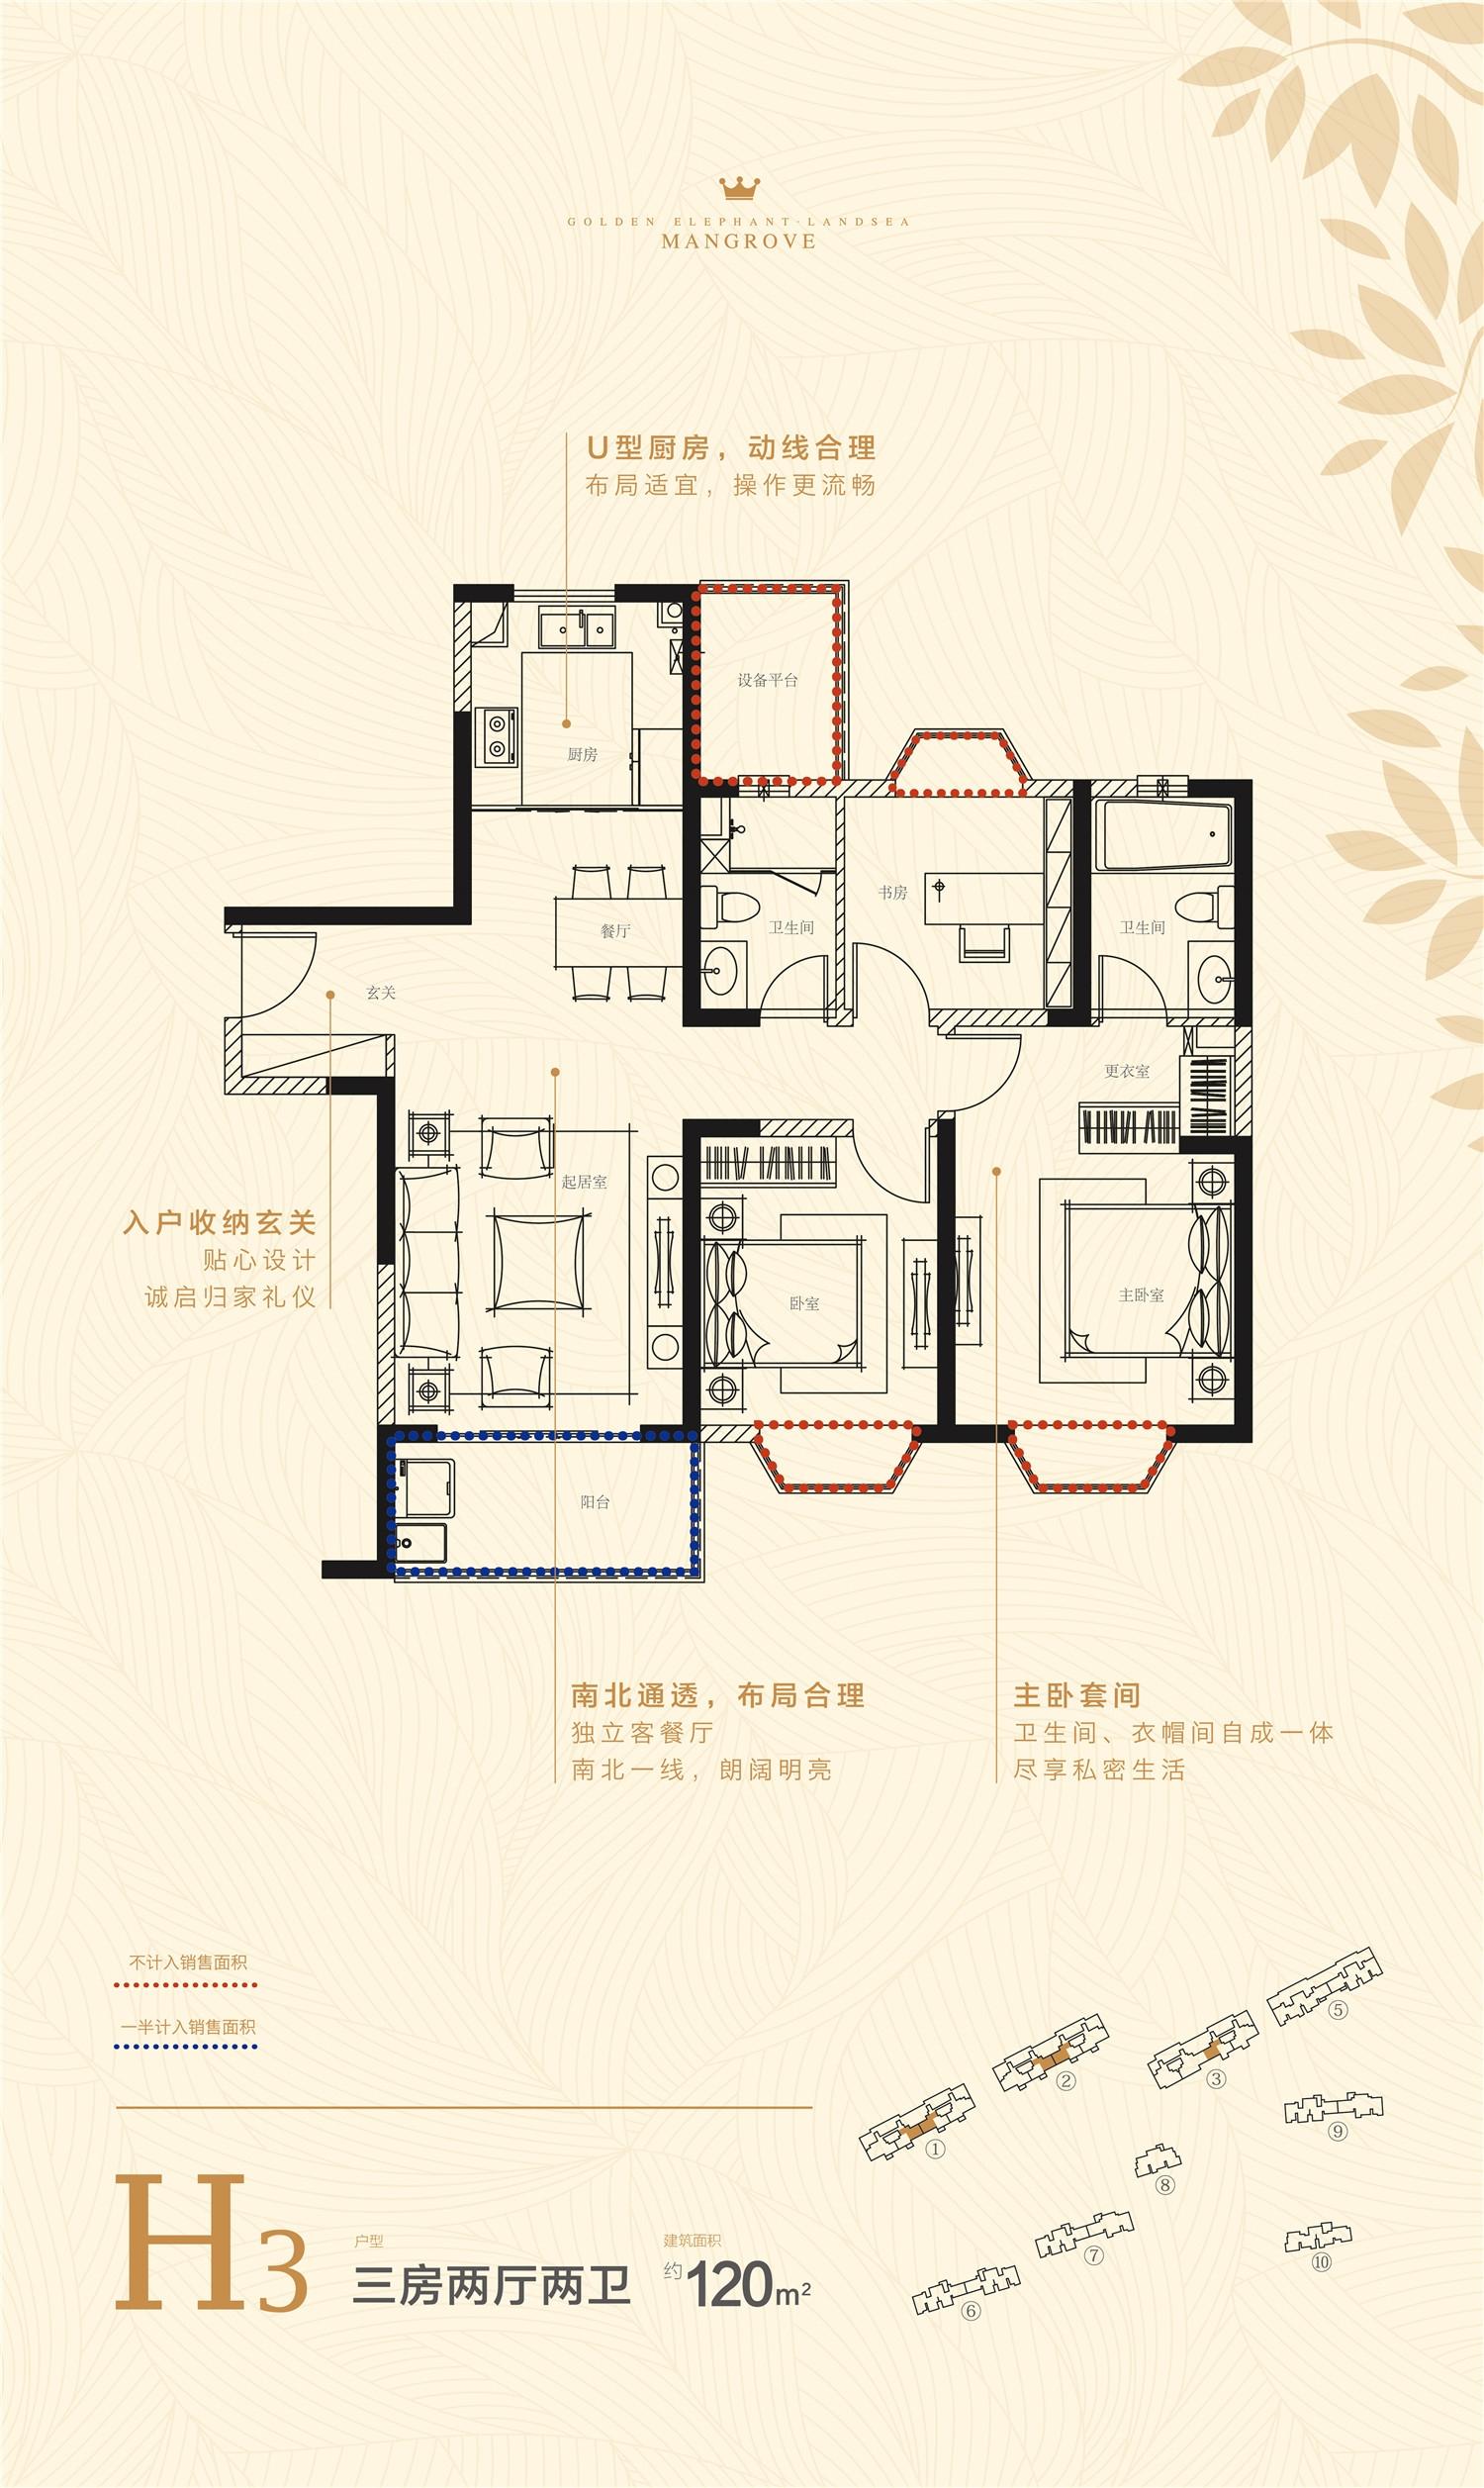 金象朗诗红树林H3-120㎡户型